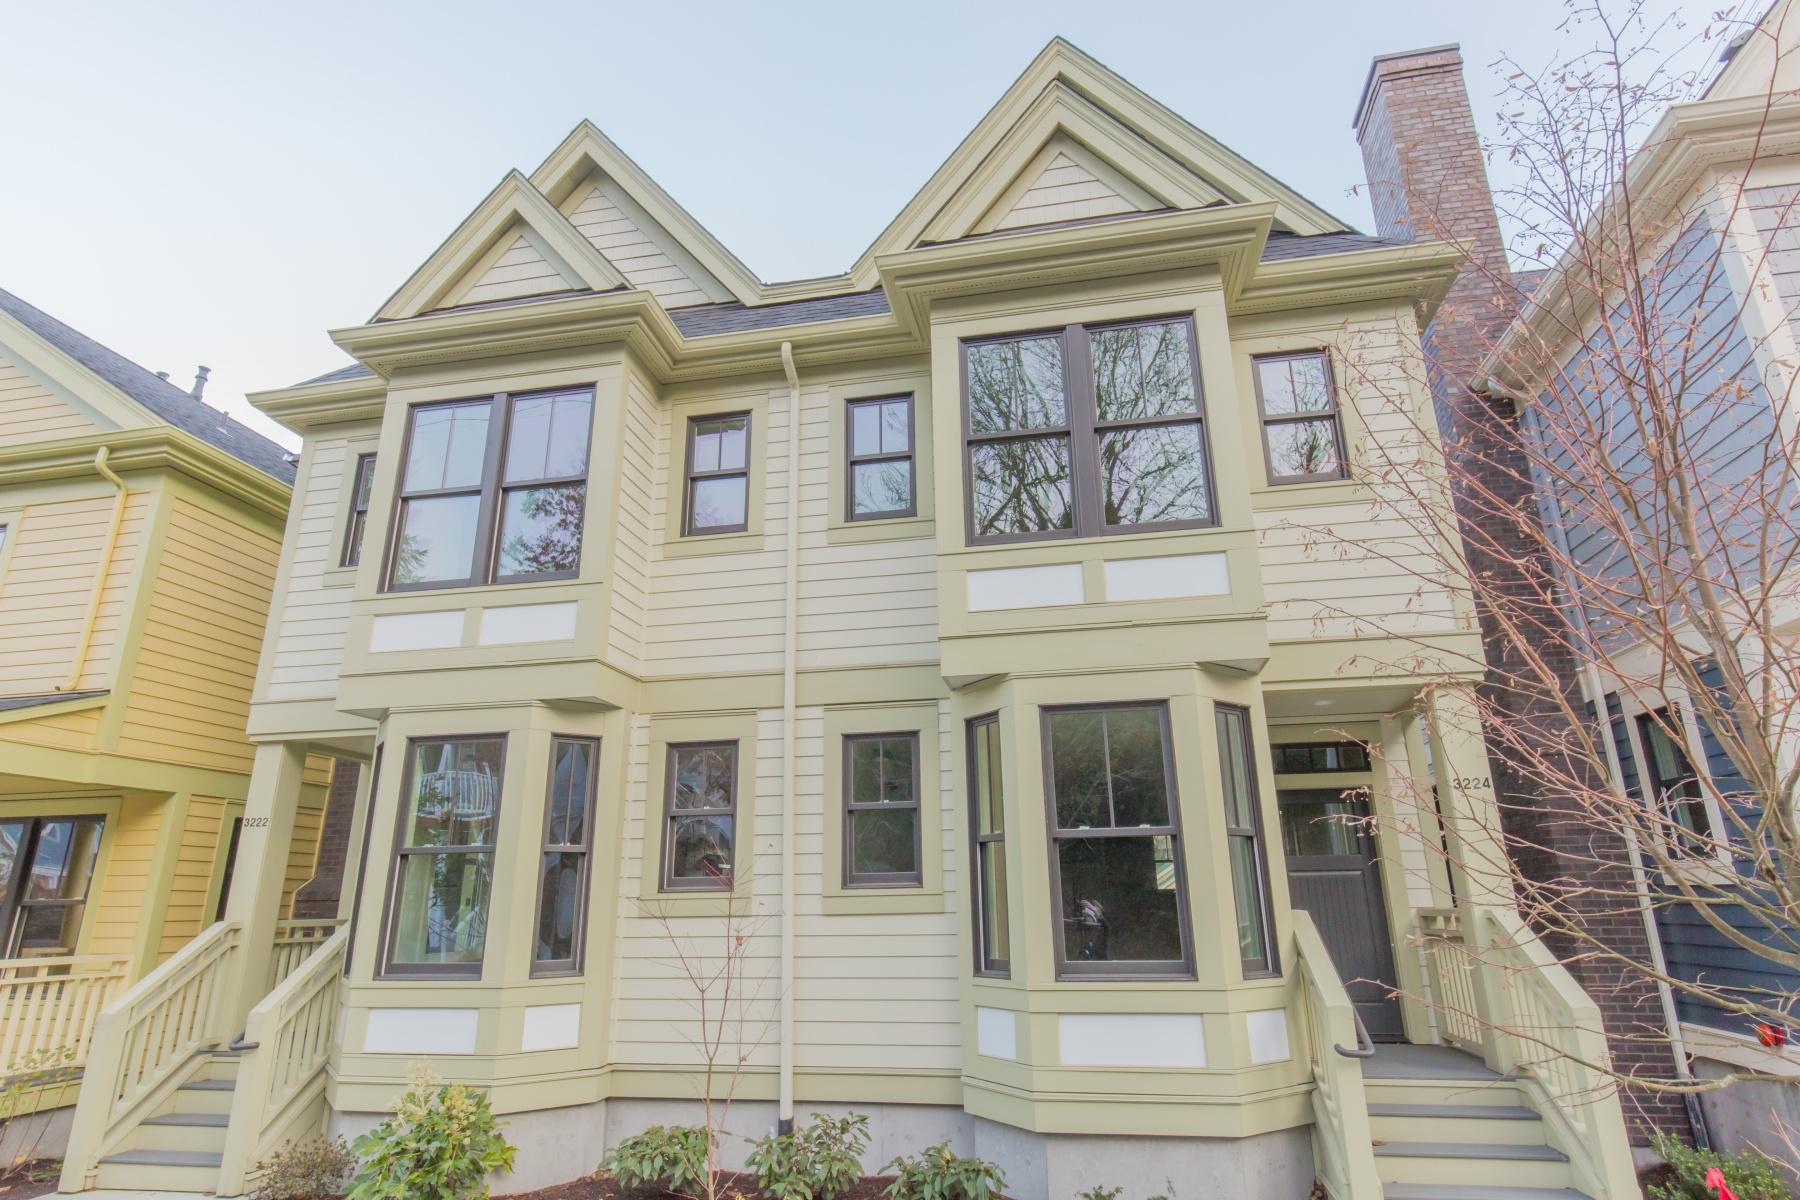 Частный односемейный дом для того Продажа на 3222 Sw 2nd Ave 5 3222 SW 2ND AVE 5 5, Portland, Орегон, 97239 Соединенные Штаты